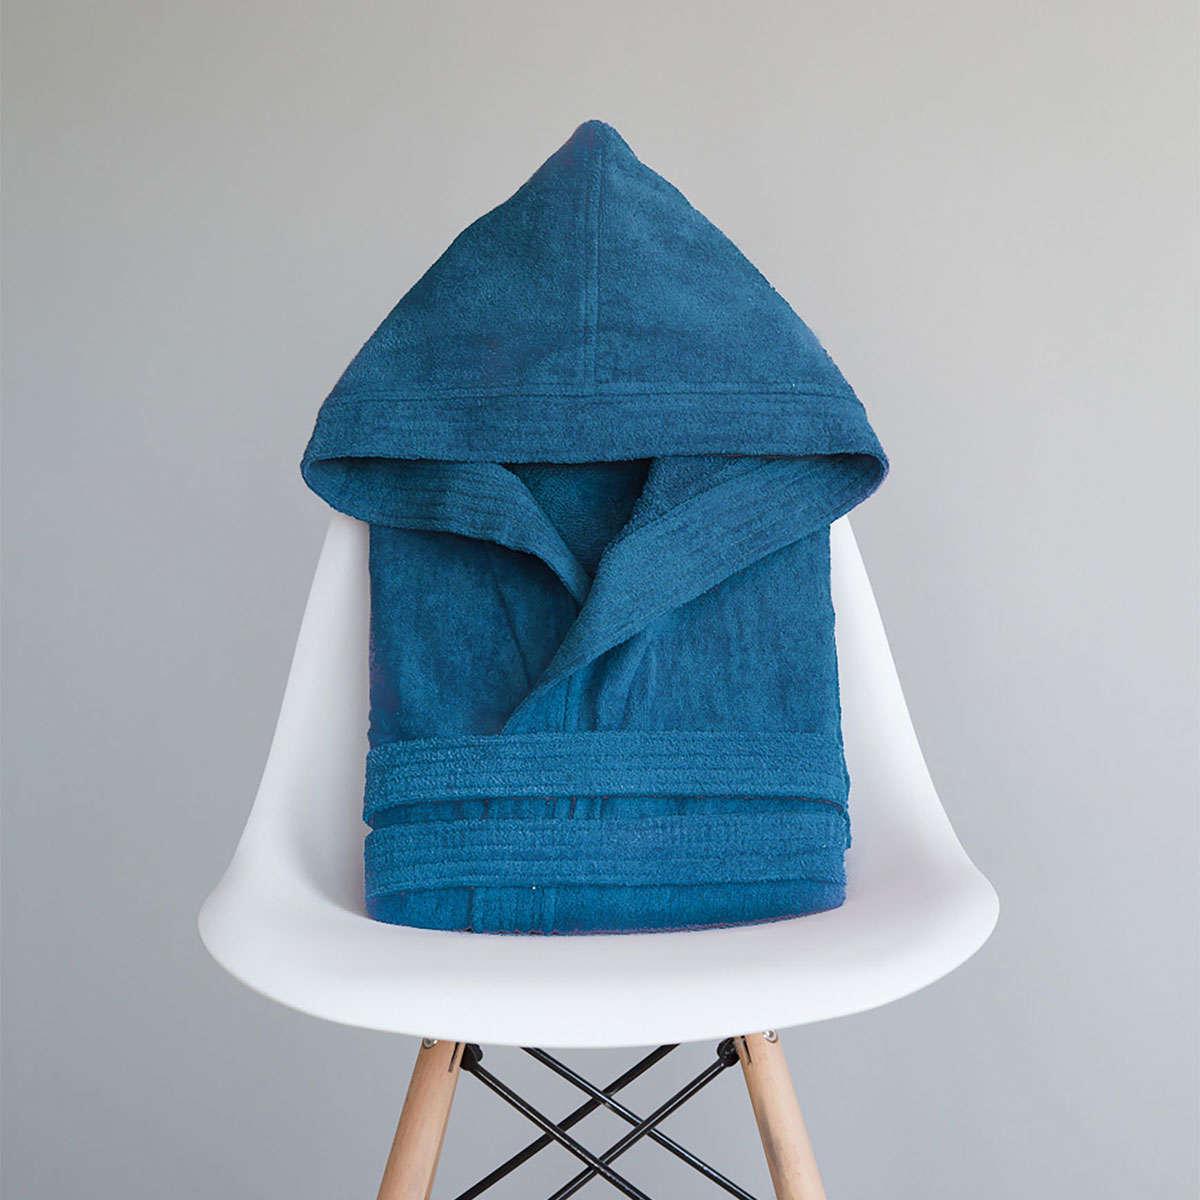 Μπουρνούζι Με Κουκούλα Zen Σε Κουτί – Ionian Blue Nima Medium M